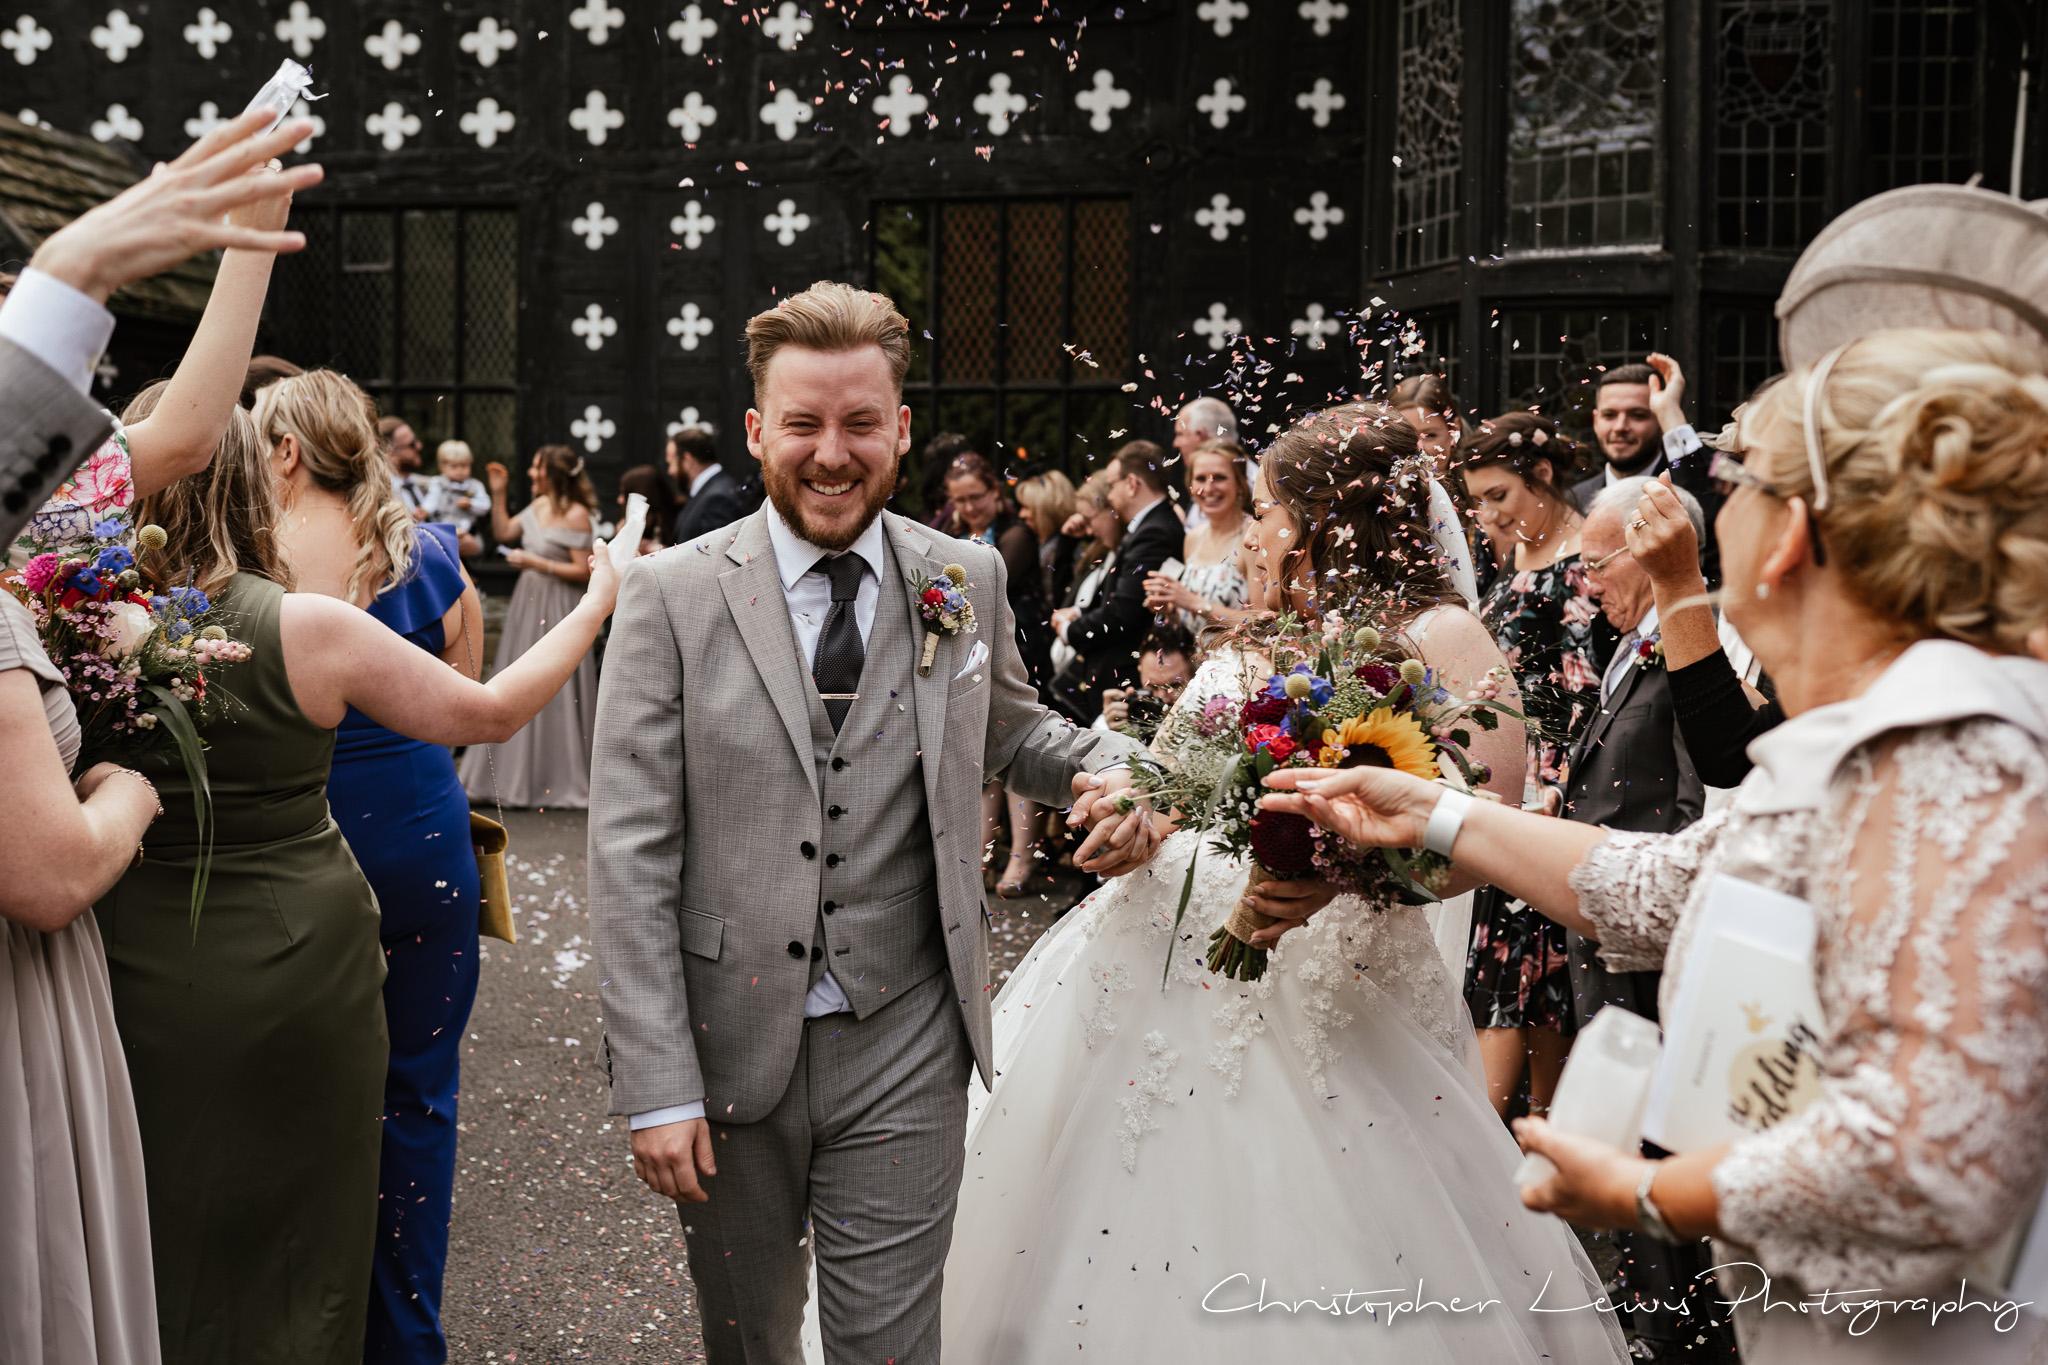 Samlesbury Hall Wedding confetti